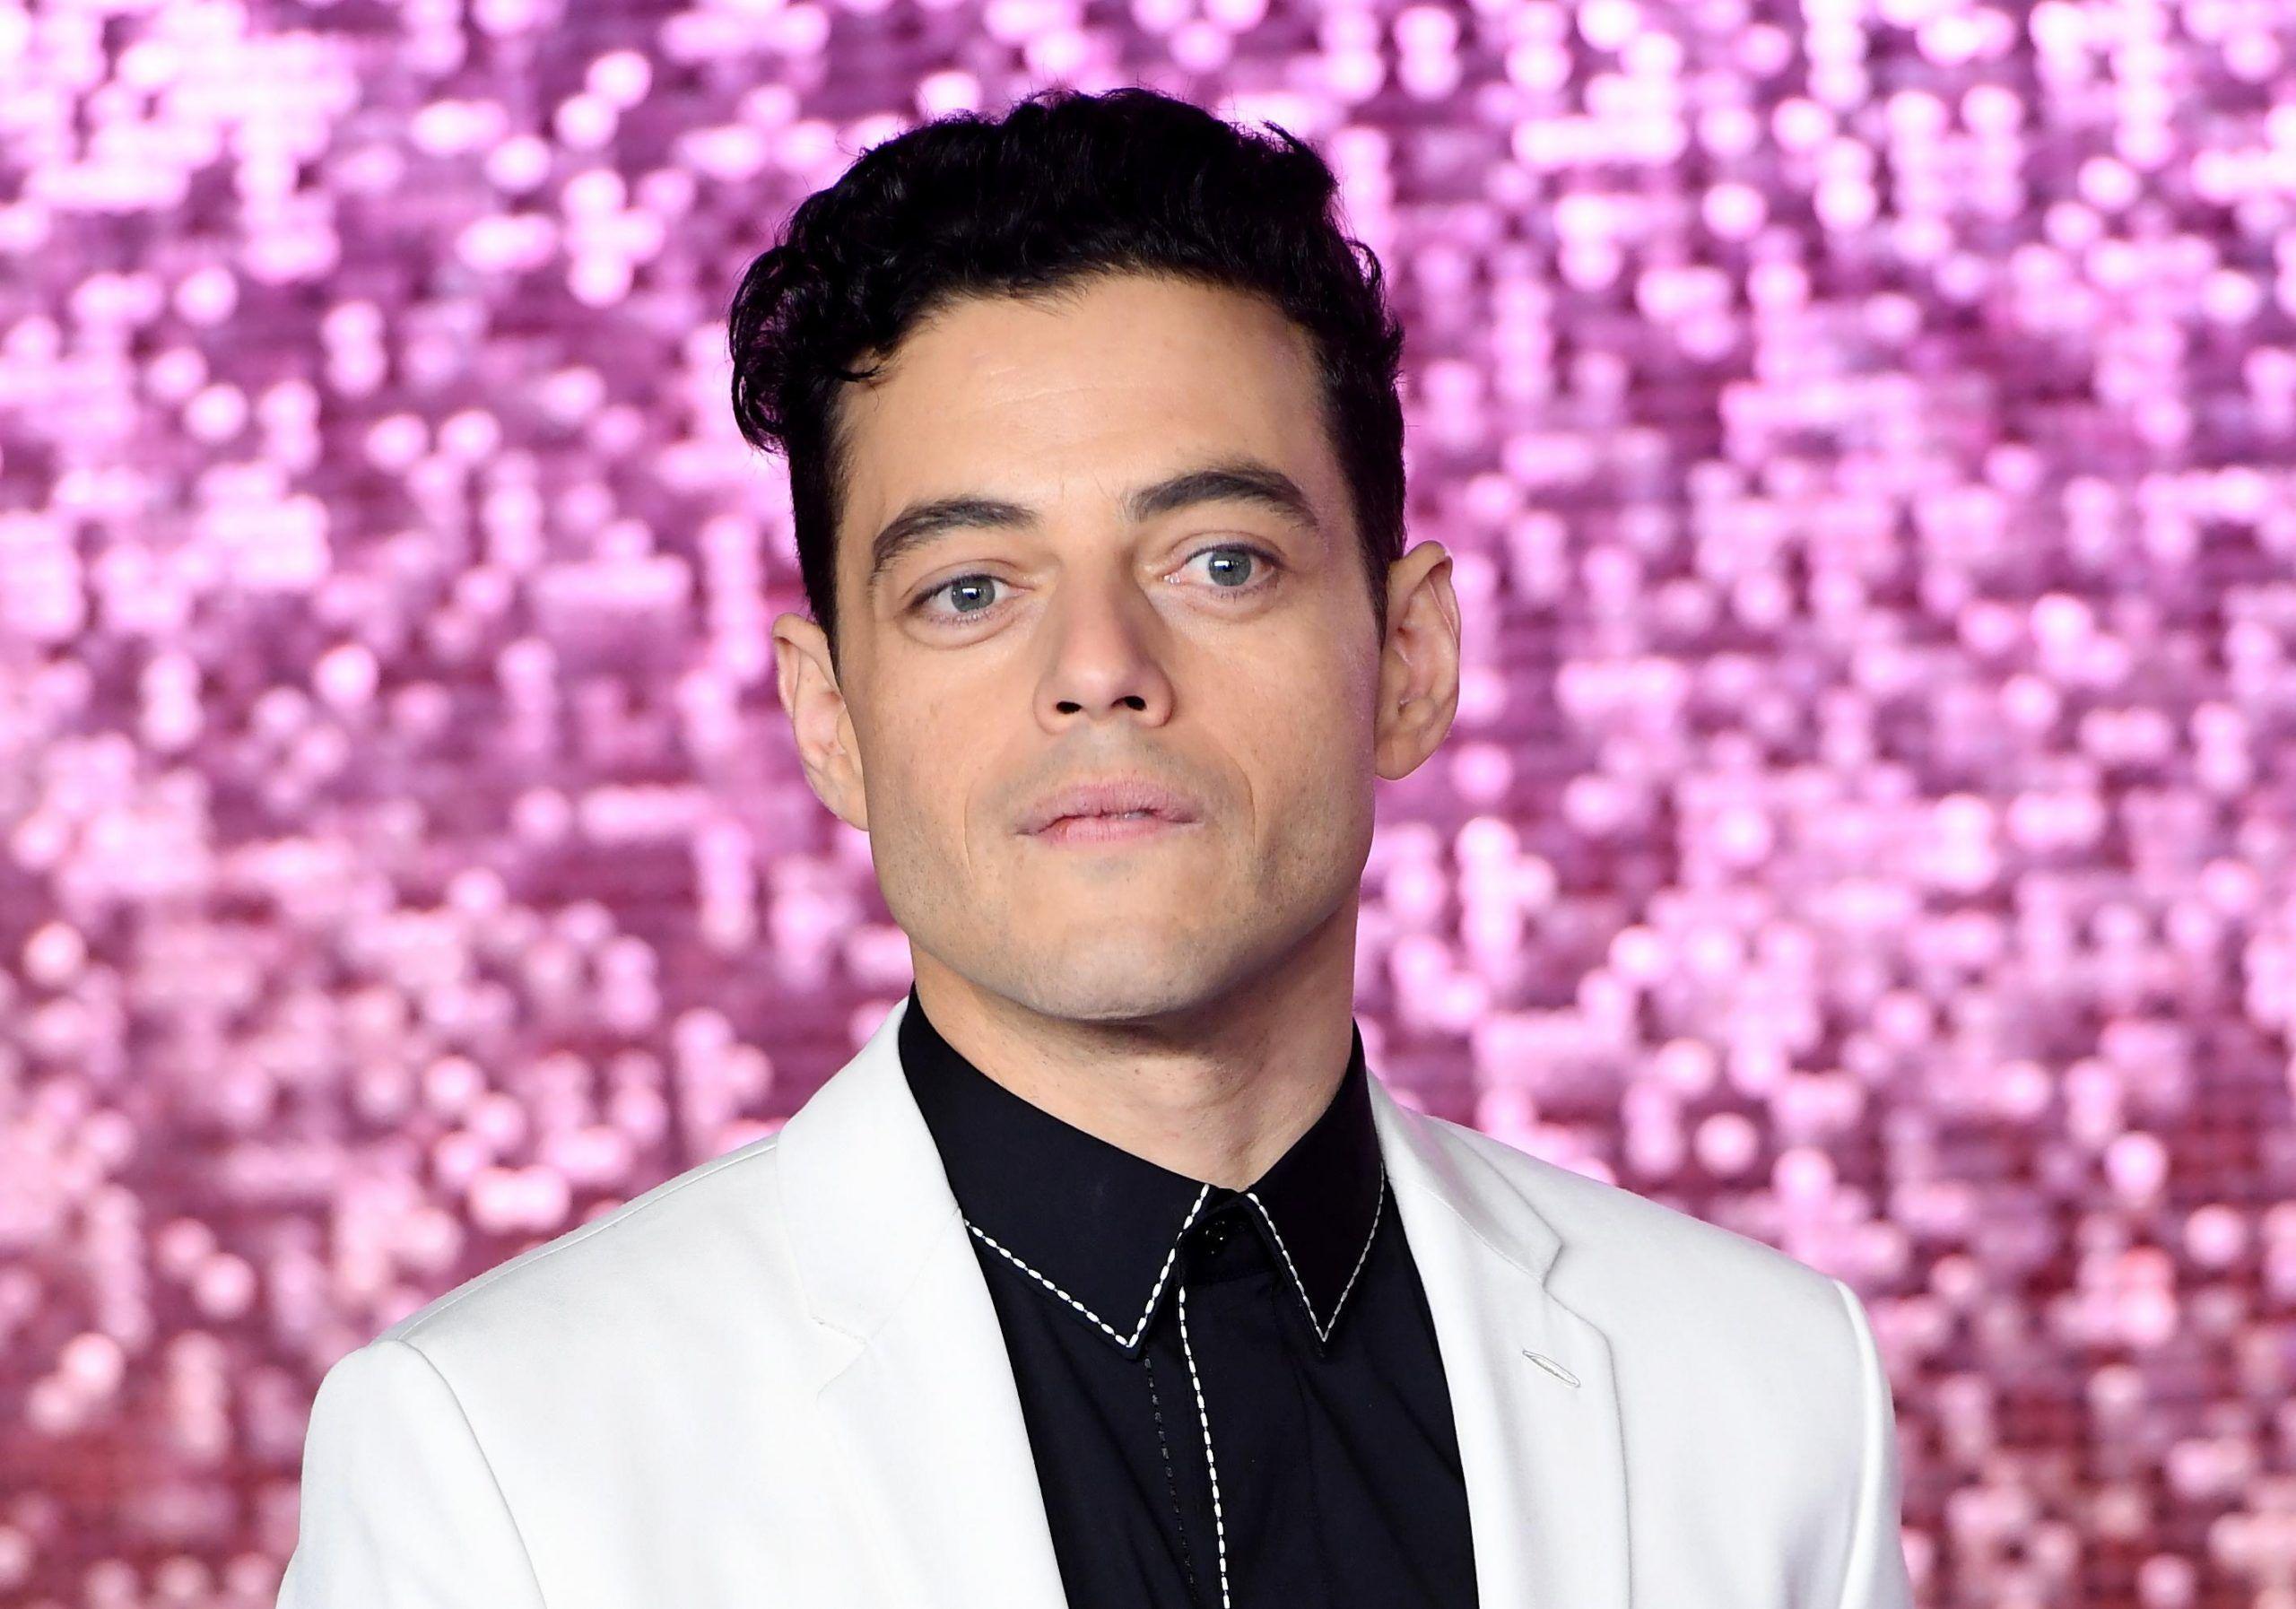 Oscar 2019 nomination: Bohemian Rhapsody in corsa per cinque statuette